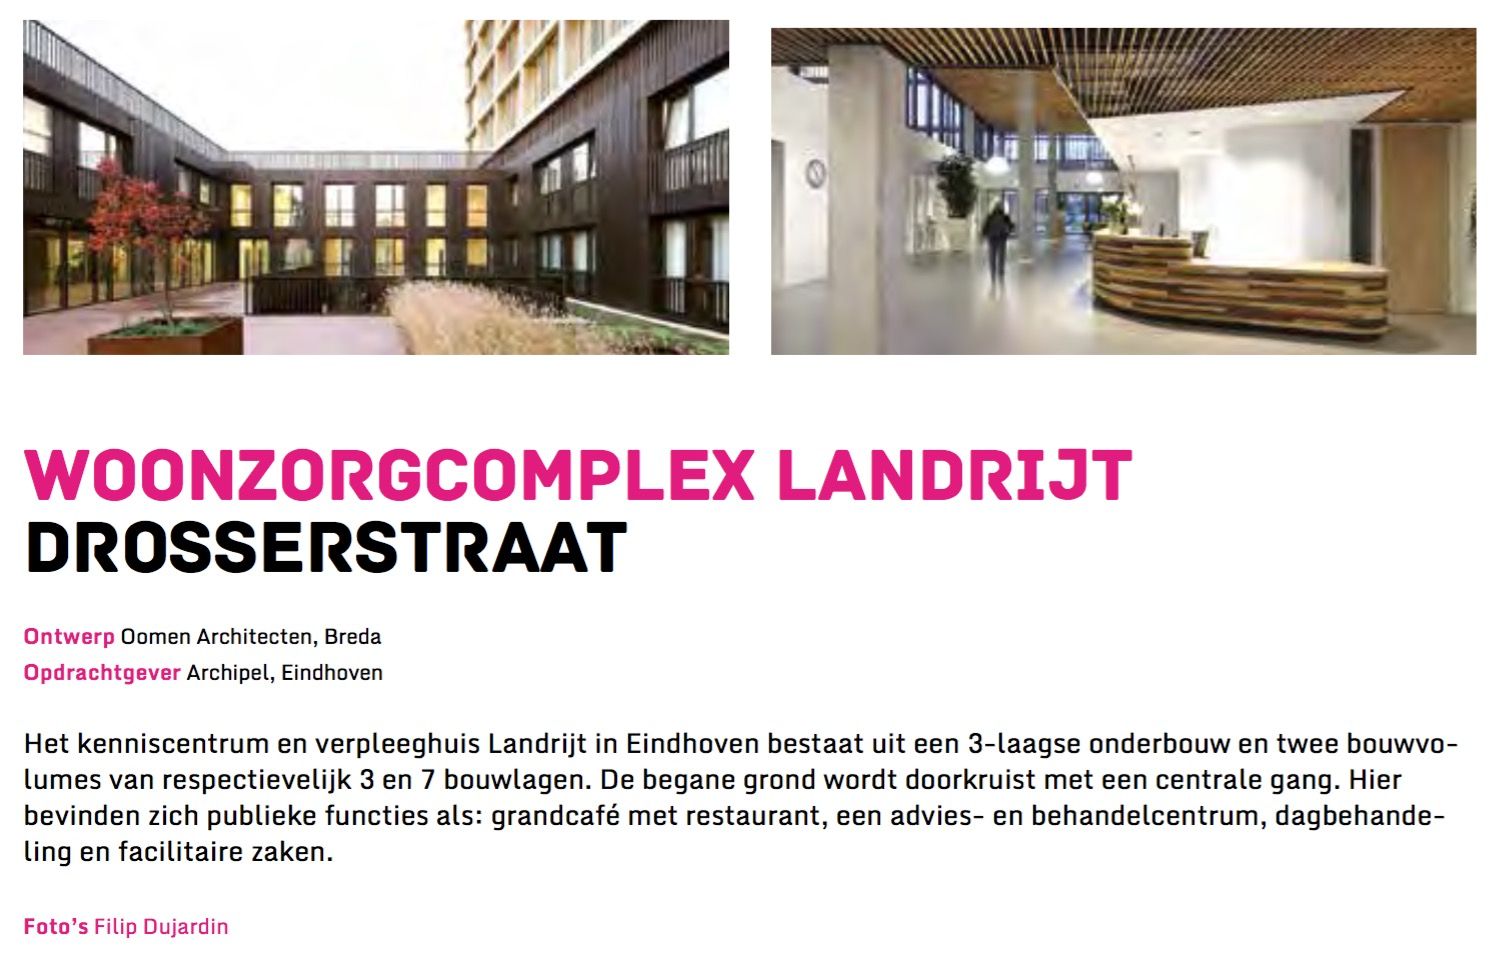 Roosenburgprijs.nl